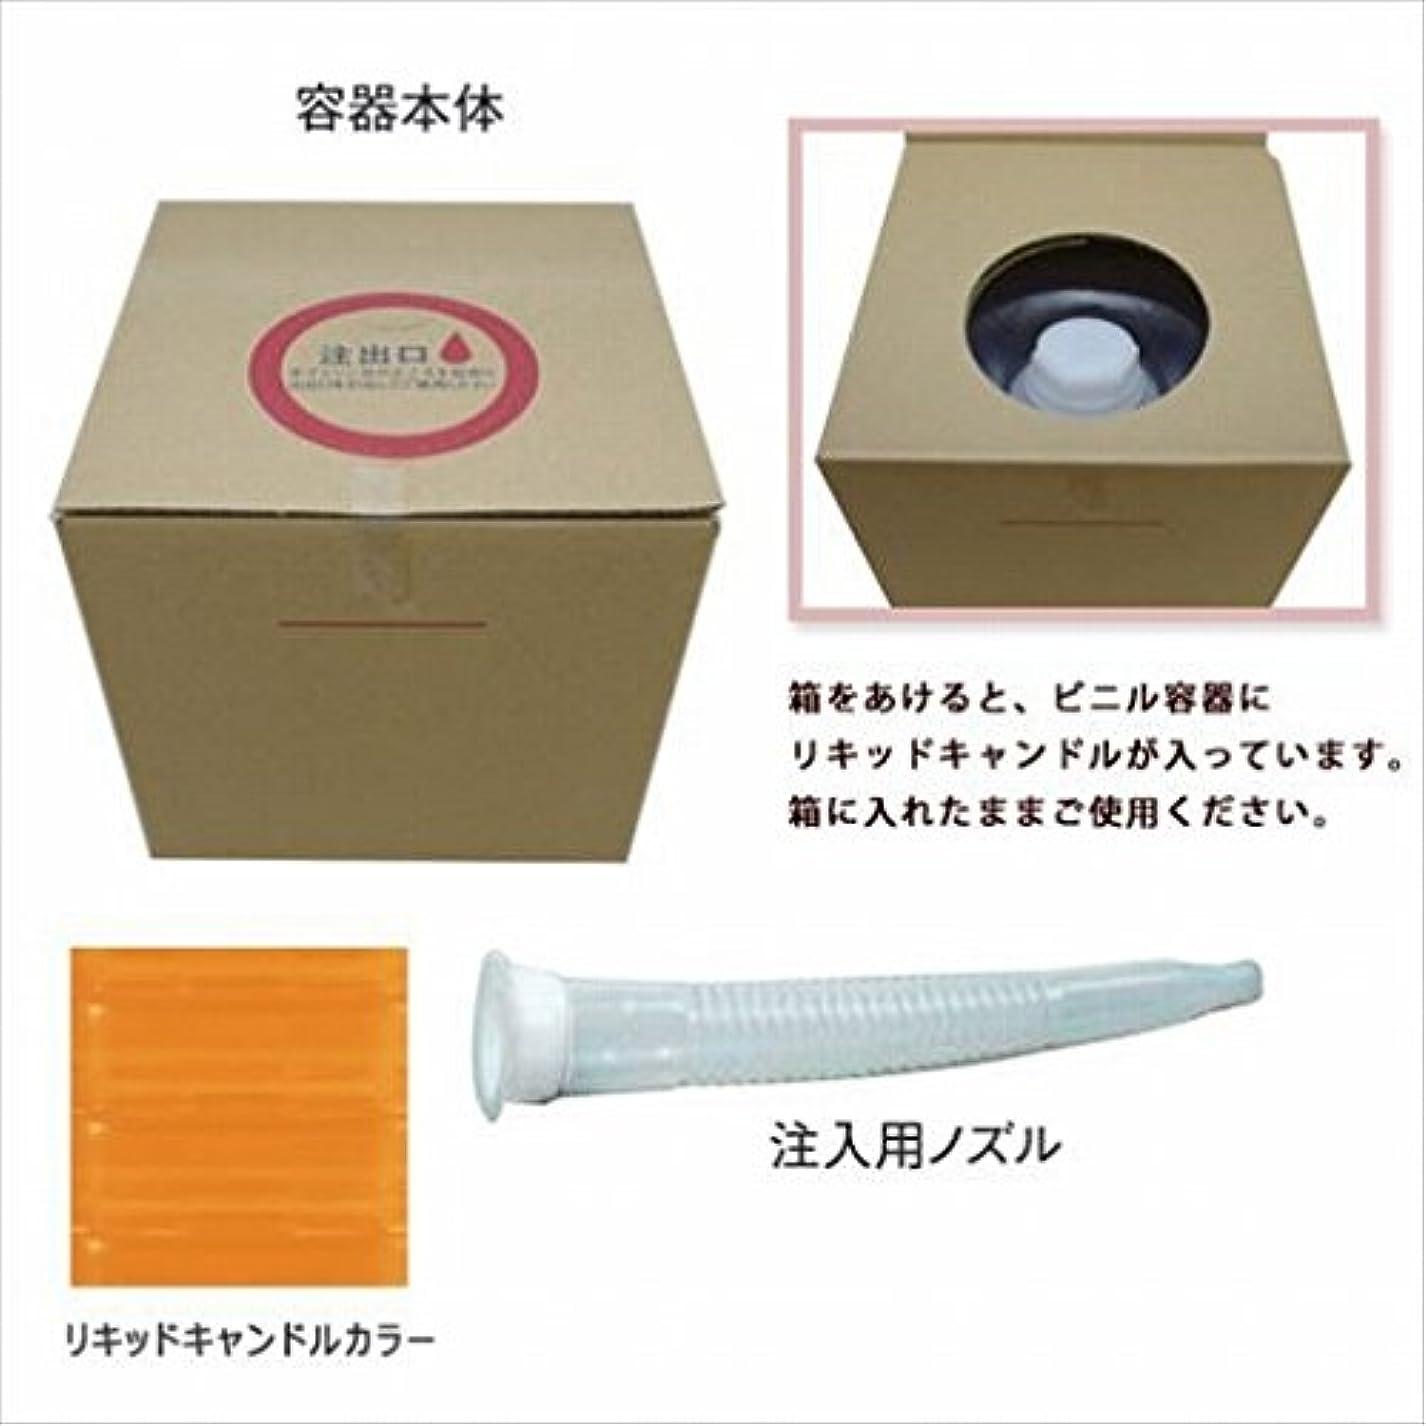 に同意する腐った性差別カメヤマキャンドル(kameyama candle) リキッドキャンドル5リットル 「 シャンパンゴールド 」